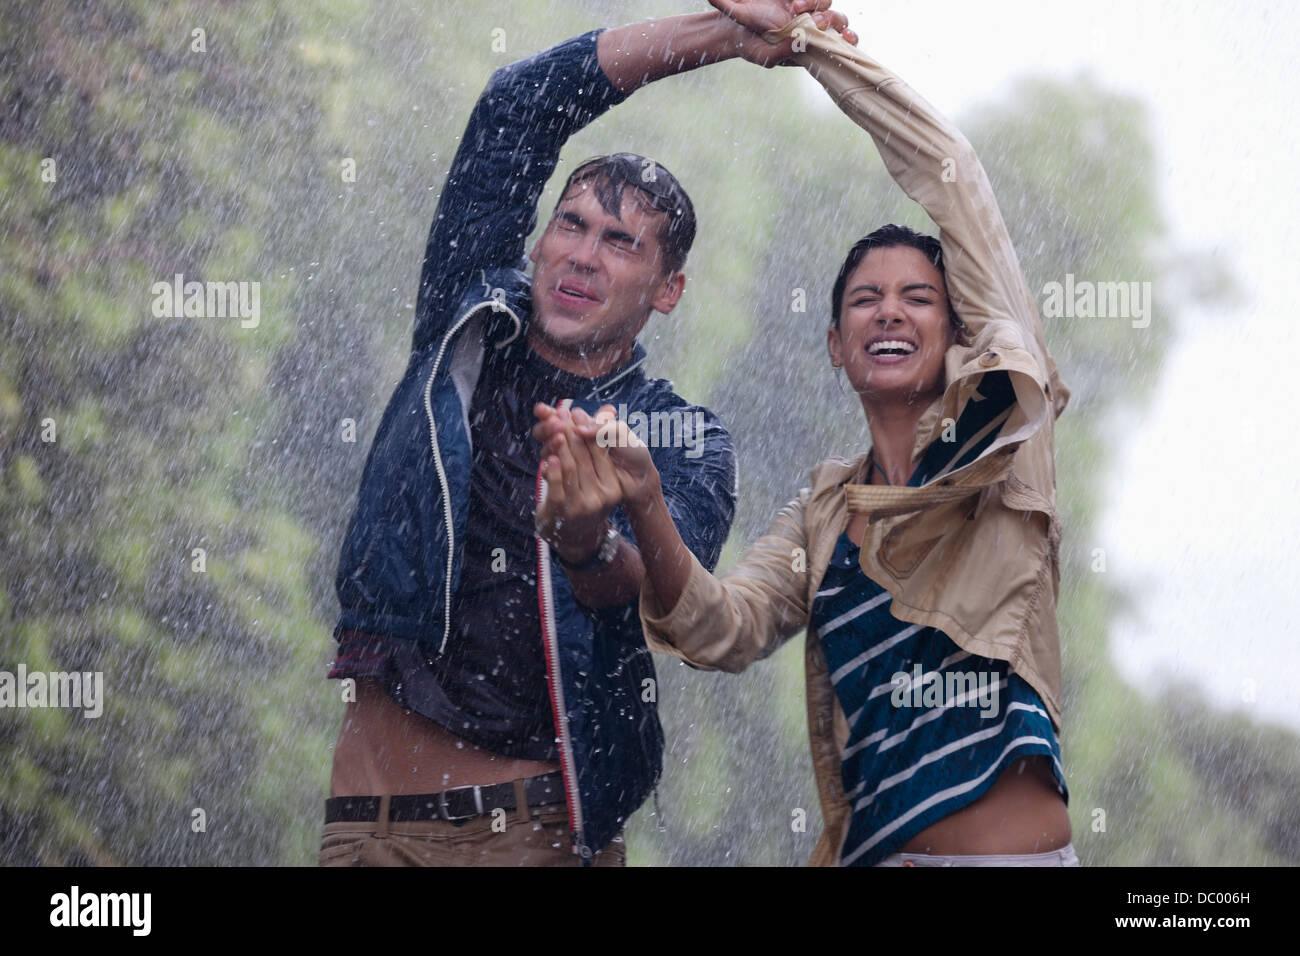 Feliz pareja bailando en la lluvia Imagen De Stock